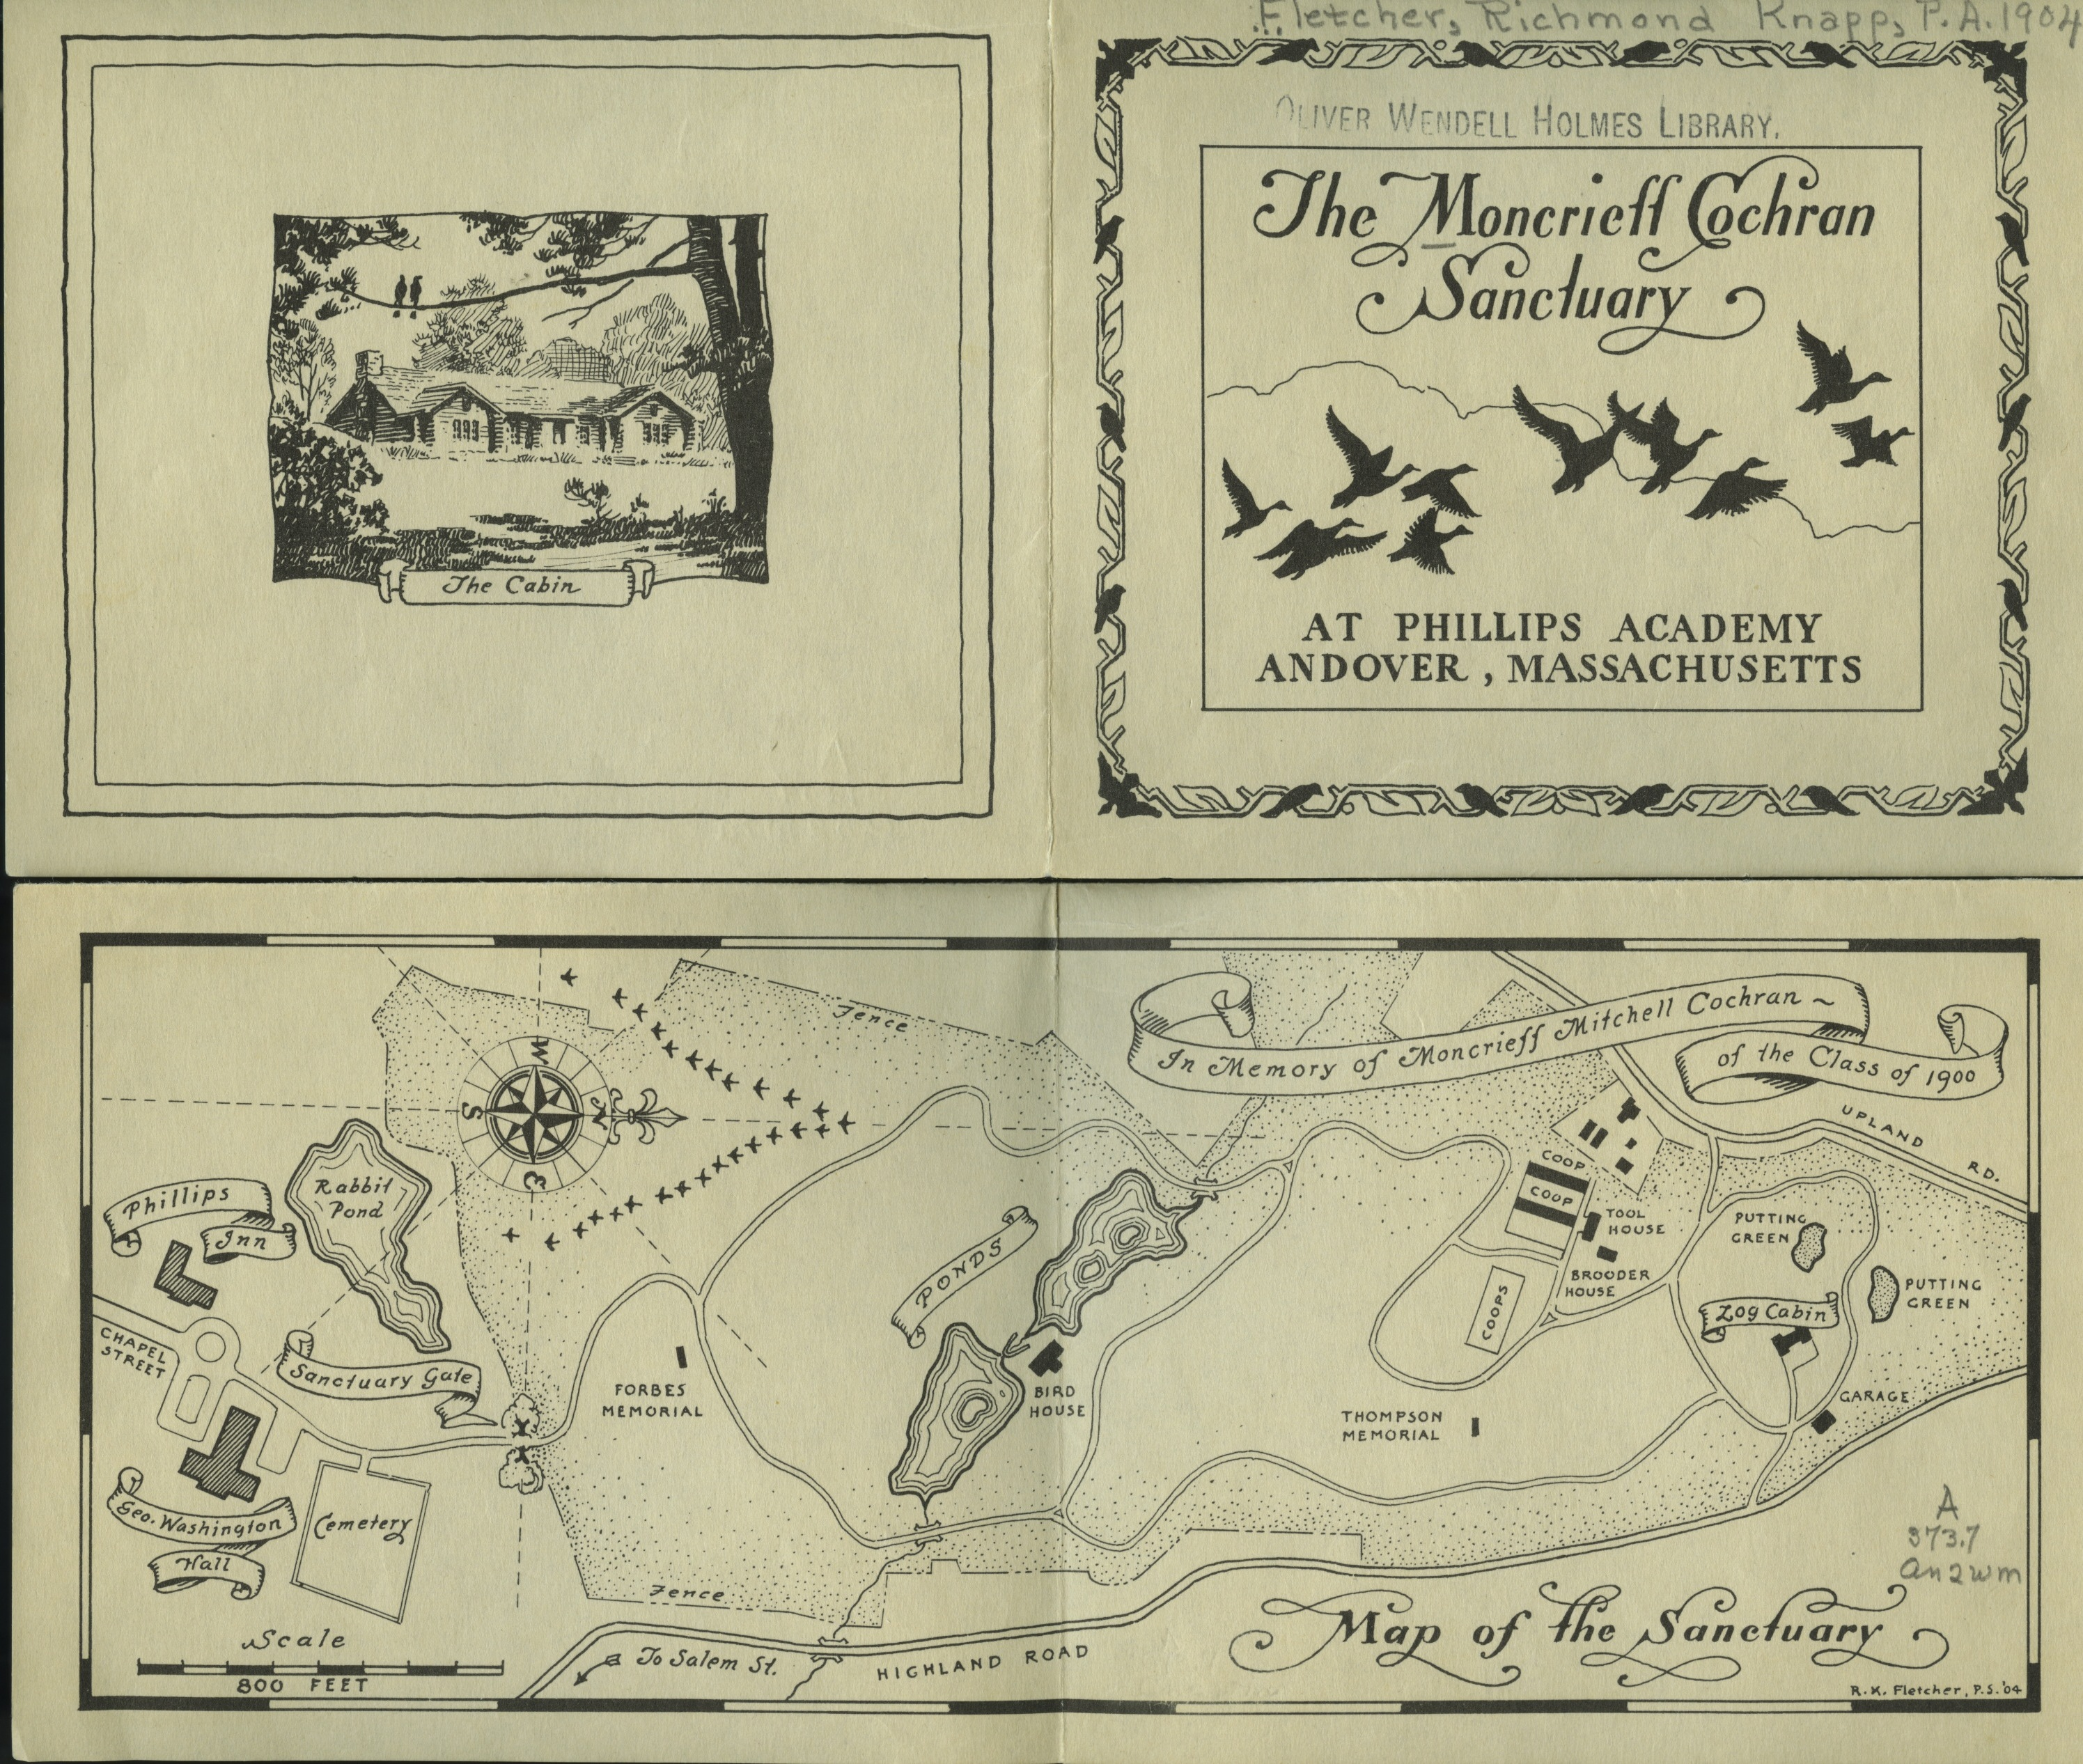 Moncrieff Cochran Sanctuary map